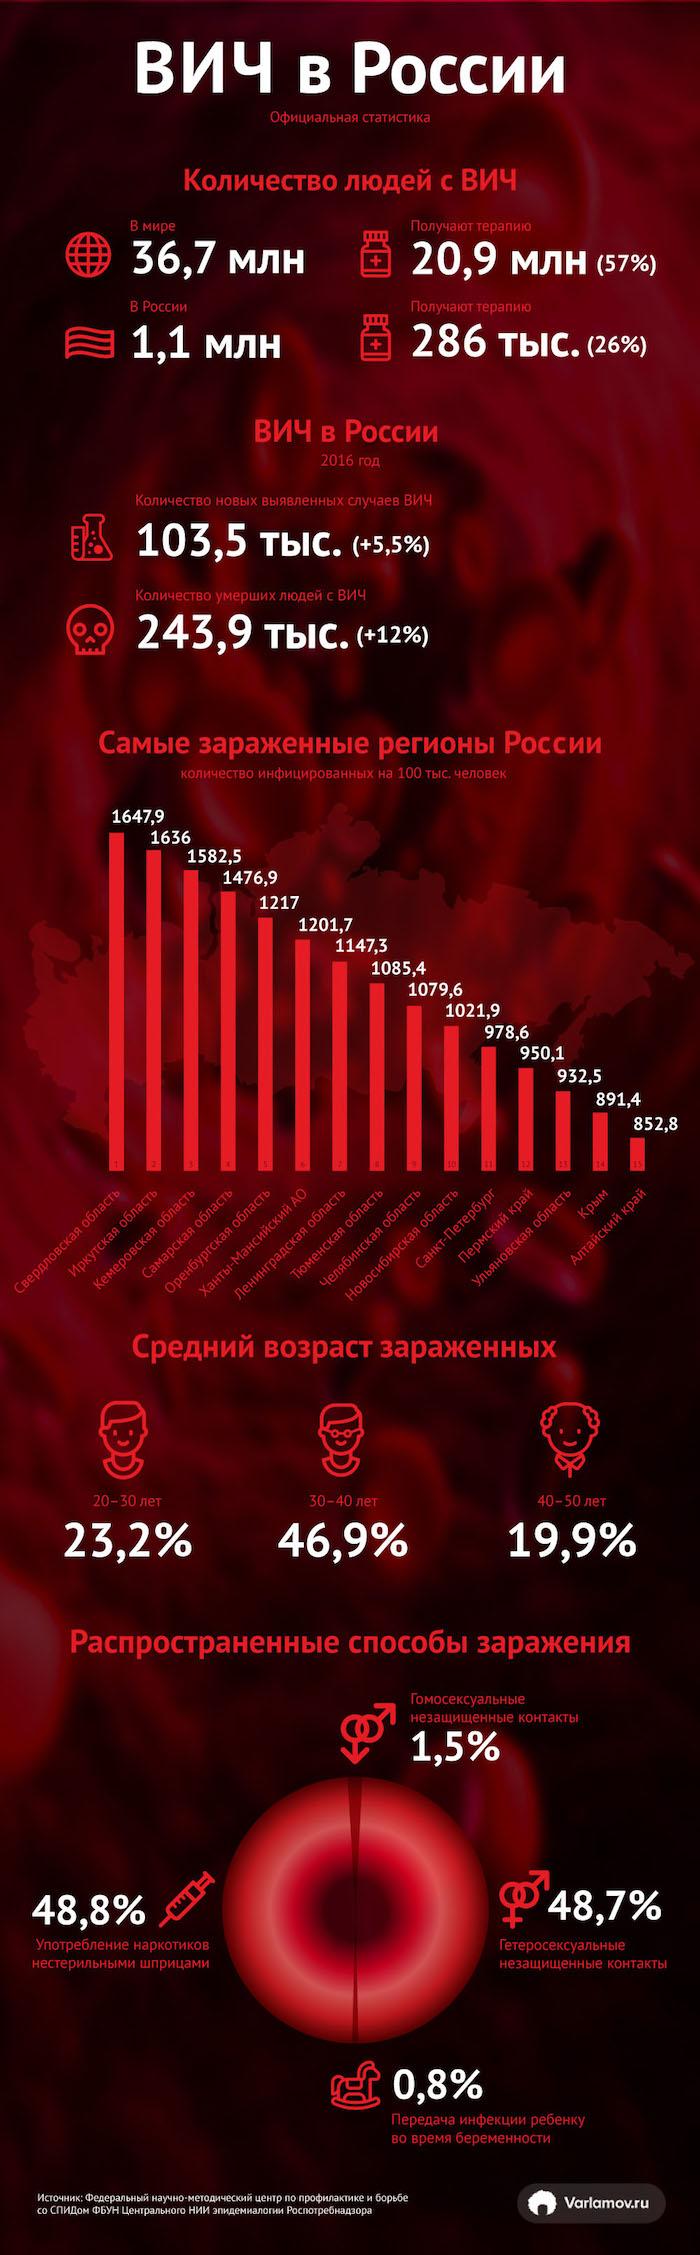 СПИД наступает. Что делать? России, Украине, человек, Беларуси, новых, зараженных, Подписывайтесь, всего, сейчас, заговор, только, очень, каждый, выявлено, можно, населения, также, случаи, полном, ВИЧинфицированных